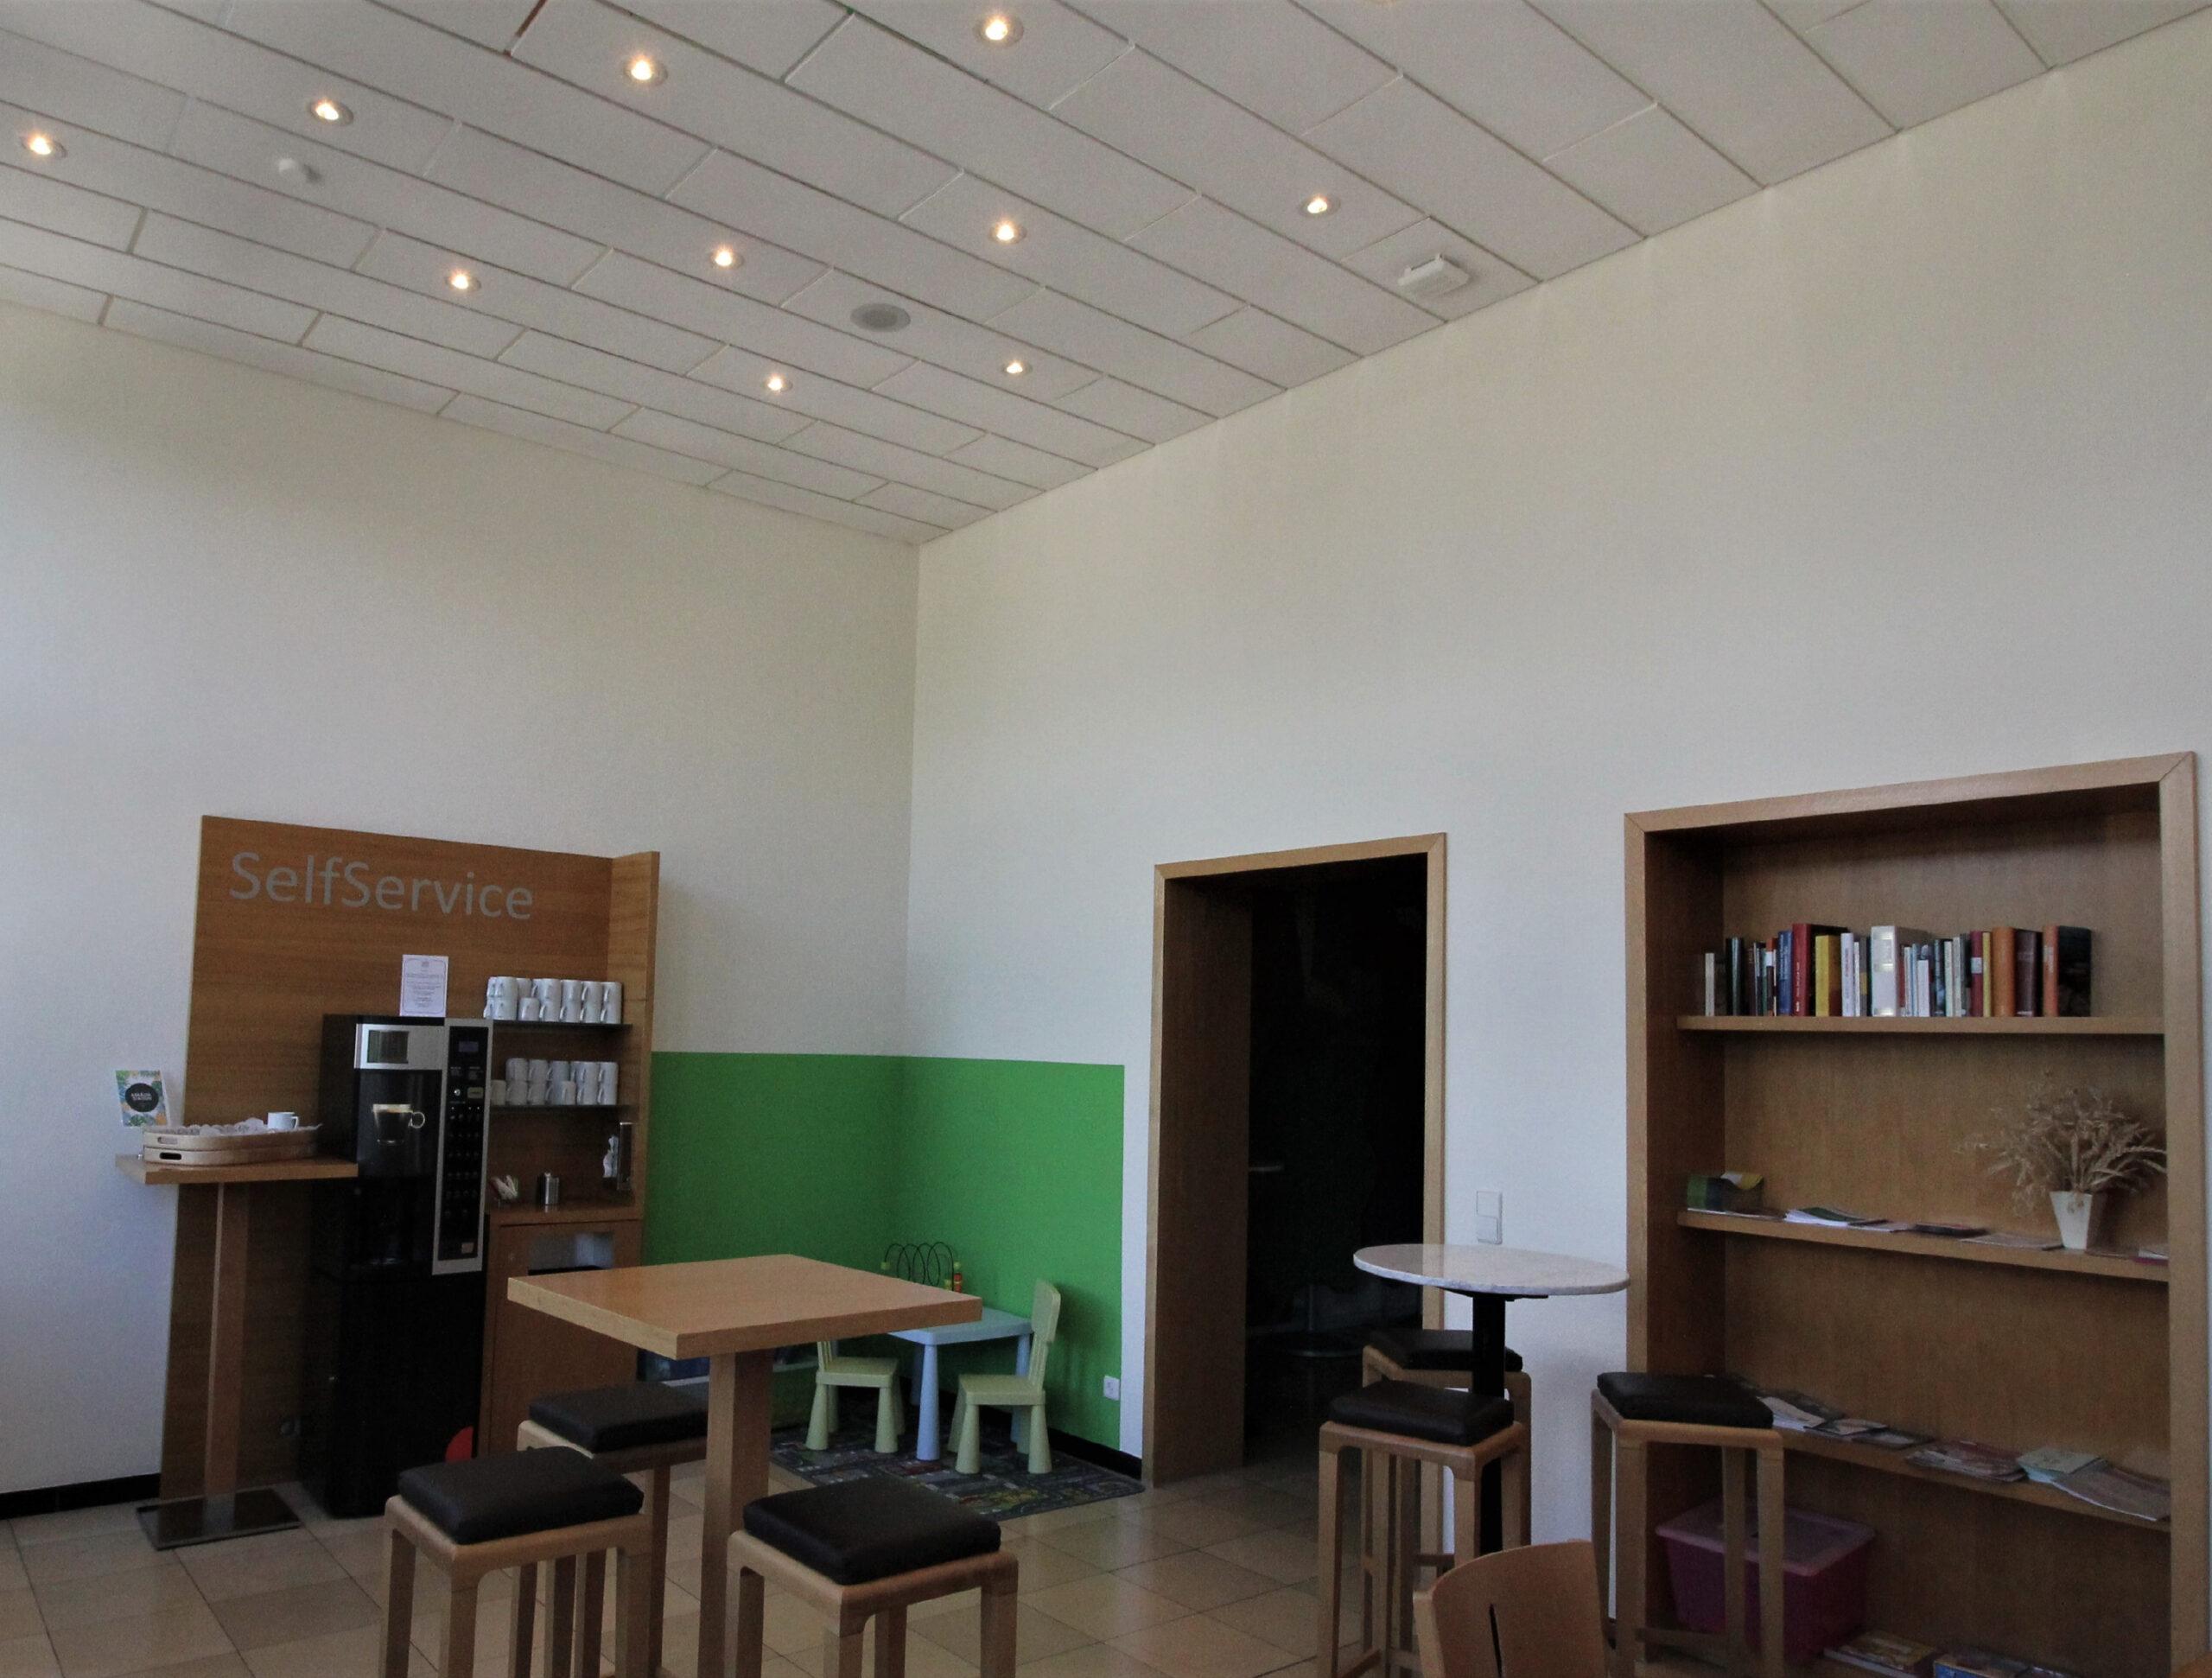 06a Cafeteria